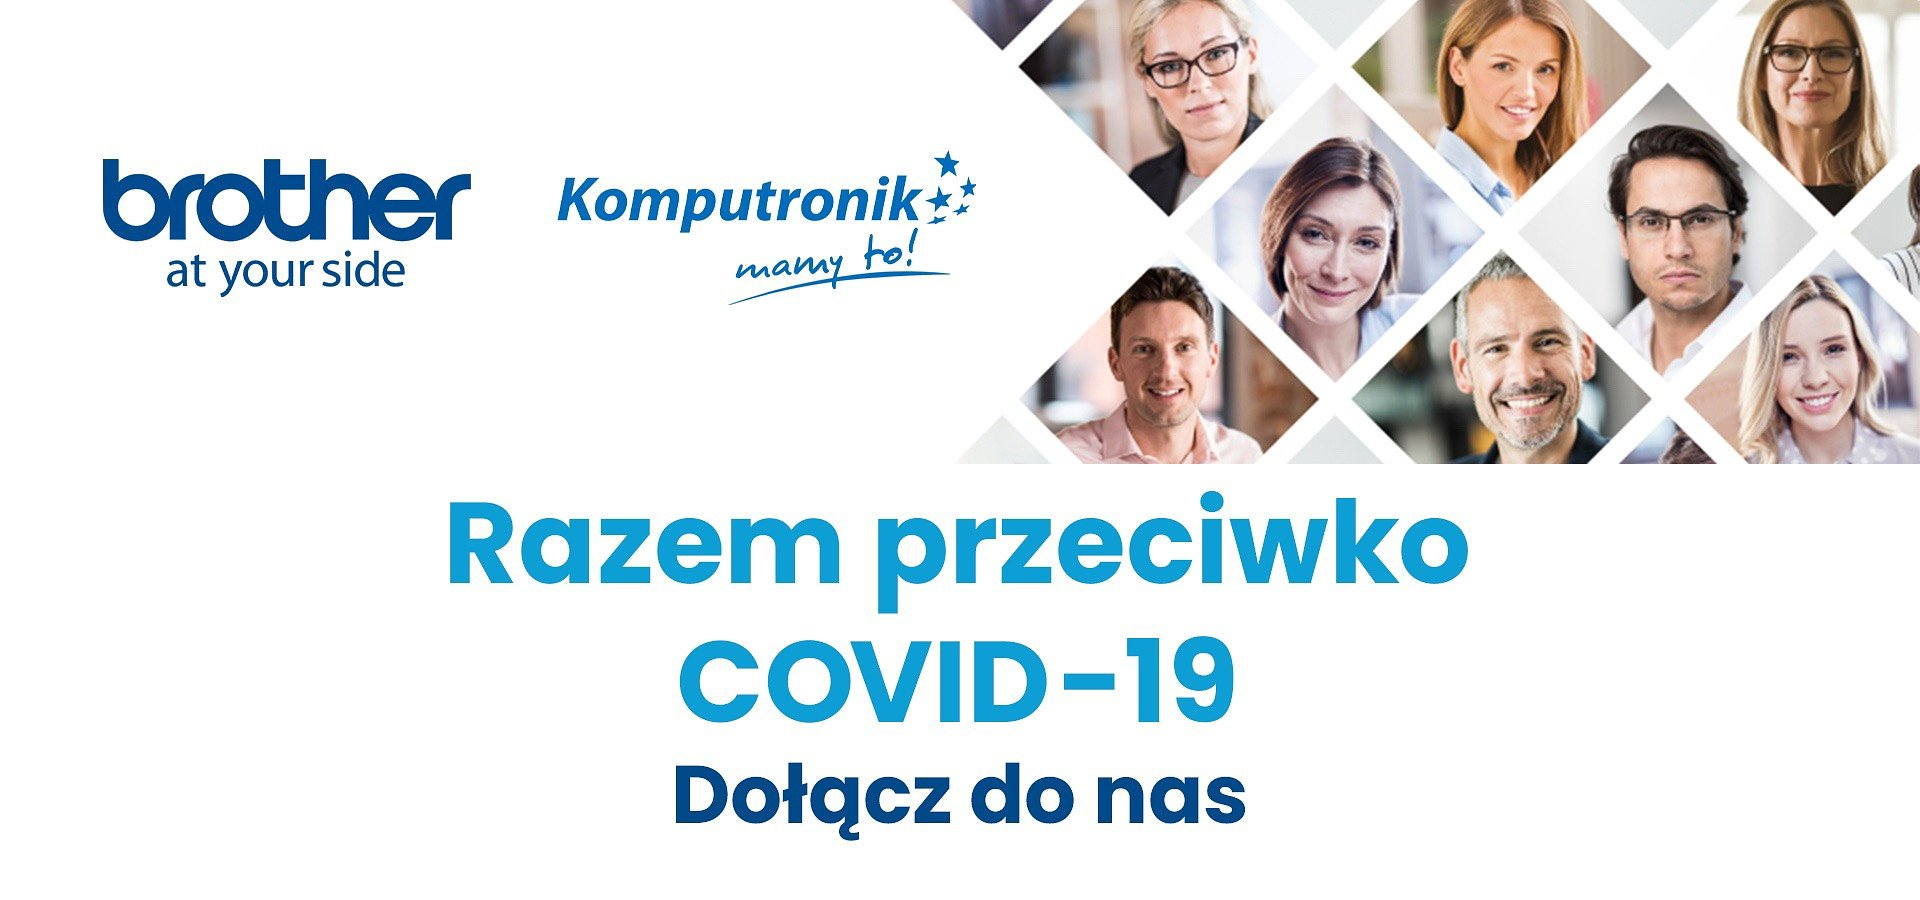 Kup drukarkę i pomóż w walce z COVID-19